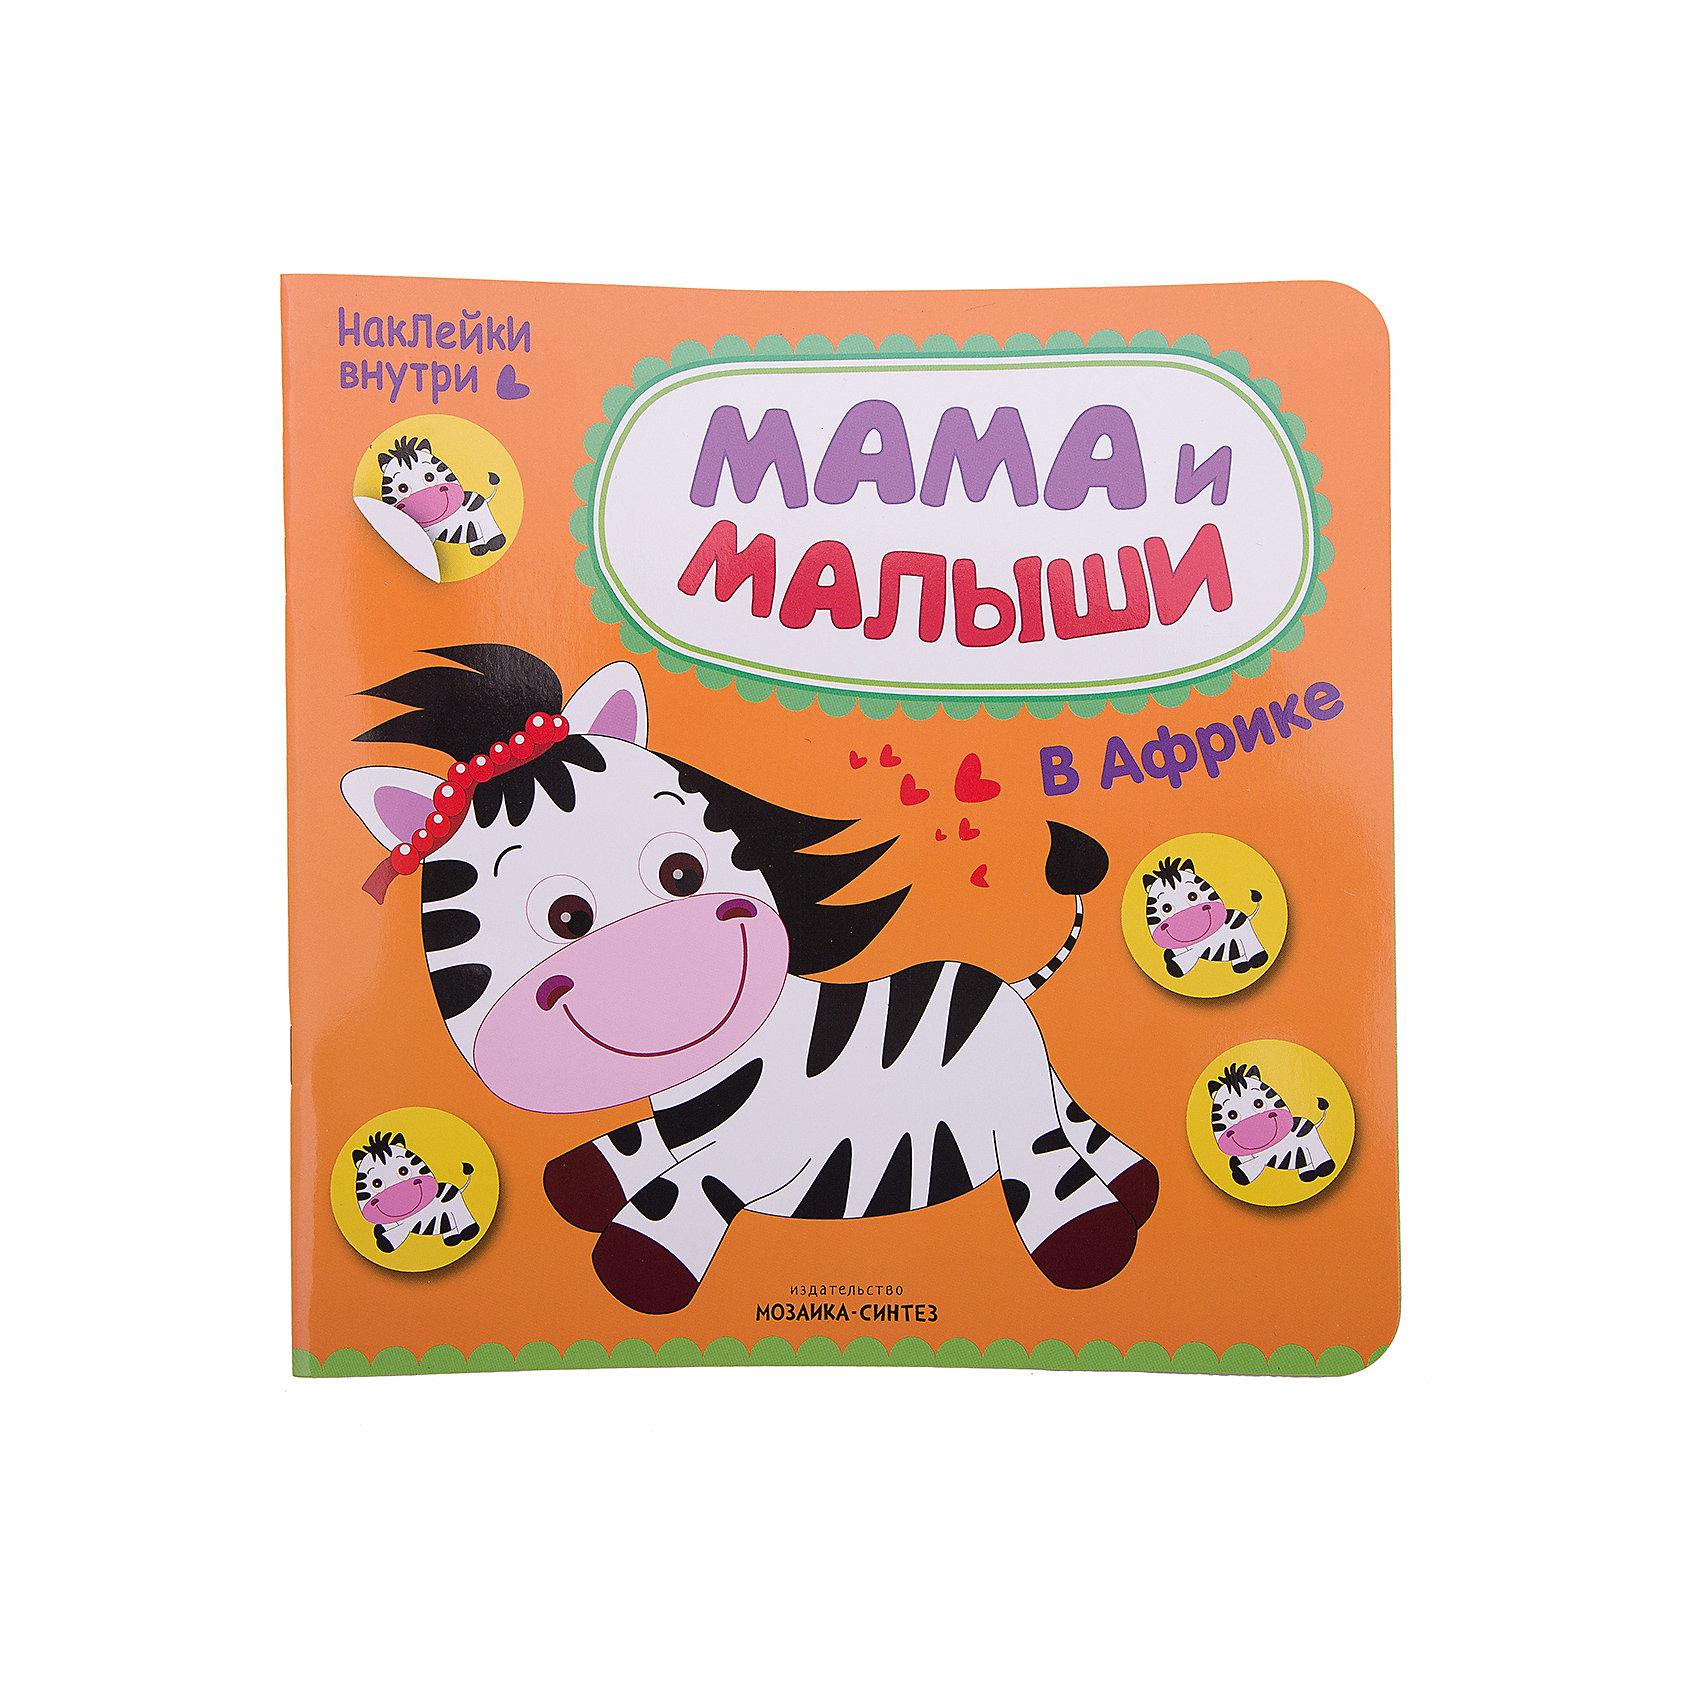 Мама и малыши В АфрикеКнижки с наклейками<br>Характеристики книжки с наклейками В Африке:<br><br>• возраст: от 2 лет<br>• пол: для мальчиков и девочек<br>• комплект: книжка, 80 наклеек.<br>• материал: бумага<br>• автор: Романова М.<br>• размер книги: 22.5x22.5 см.<br>• тип обложки: мягкая.<br>• иллюстрации: цветные.<br>• бренд: издательство Мозаика-Синтез<br>• страна обладатель бренда: Россия<br><br>Книжка с наклейками В Африке из серии Мама и малыши от издательства Мозаика-Синтез познакомит ребенка в веселой стихотворной формой с животными, населяющими территорию африканского континента. На каждой странице даны яркие красочные иллюстрации и напечатаны стихи. Кроме этого, в книжке можно найти наклейки с изображениями забавных животных.<br><br>Книжку с наклейками В Африке из серии Мама и малыши от издательства Мозаика-Синтез можно купить в нашем интернет-магазине.<br><br>Ширина мм: 2<br>Глубина мм: 225<br>Высота мм: 225<br>Вес г: 79<br>Возраст от месяцев: 24<br>Возраст до месяцев: 60<br>Пол: Унисекс<br>Возраст: Детский<br>SKU: 5362875